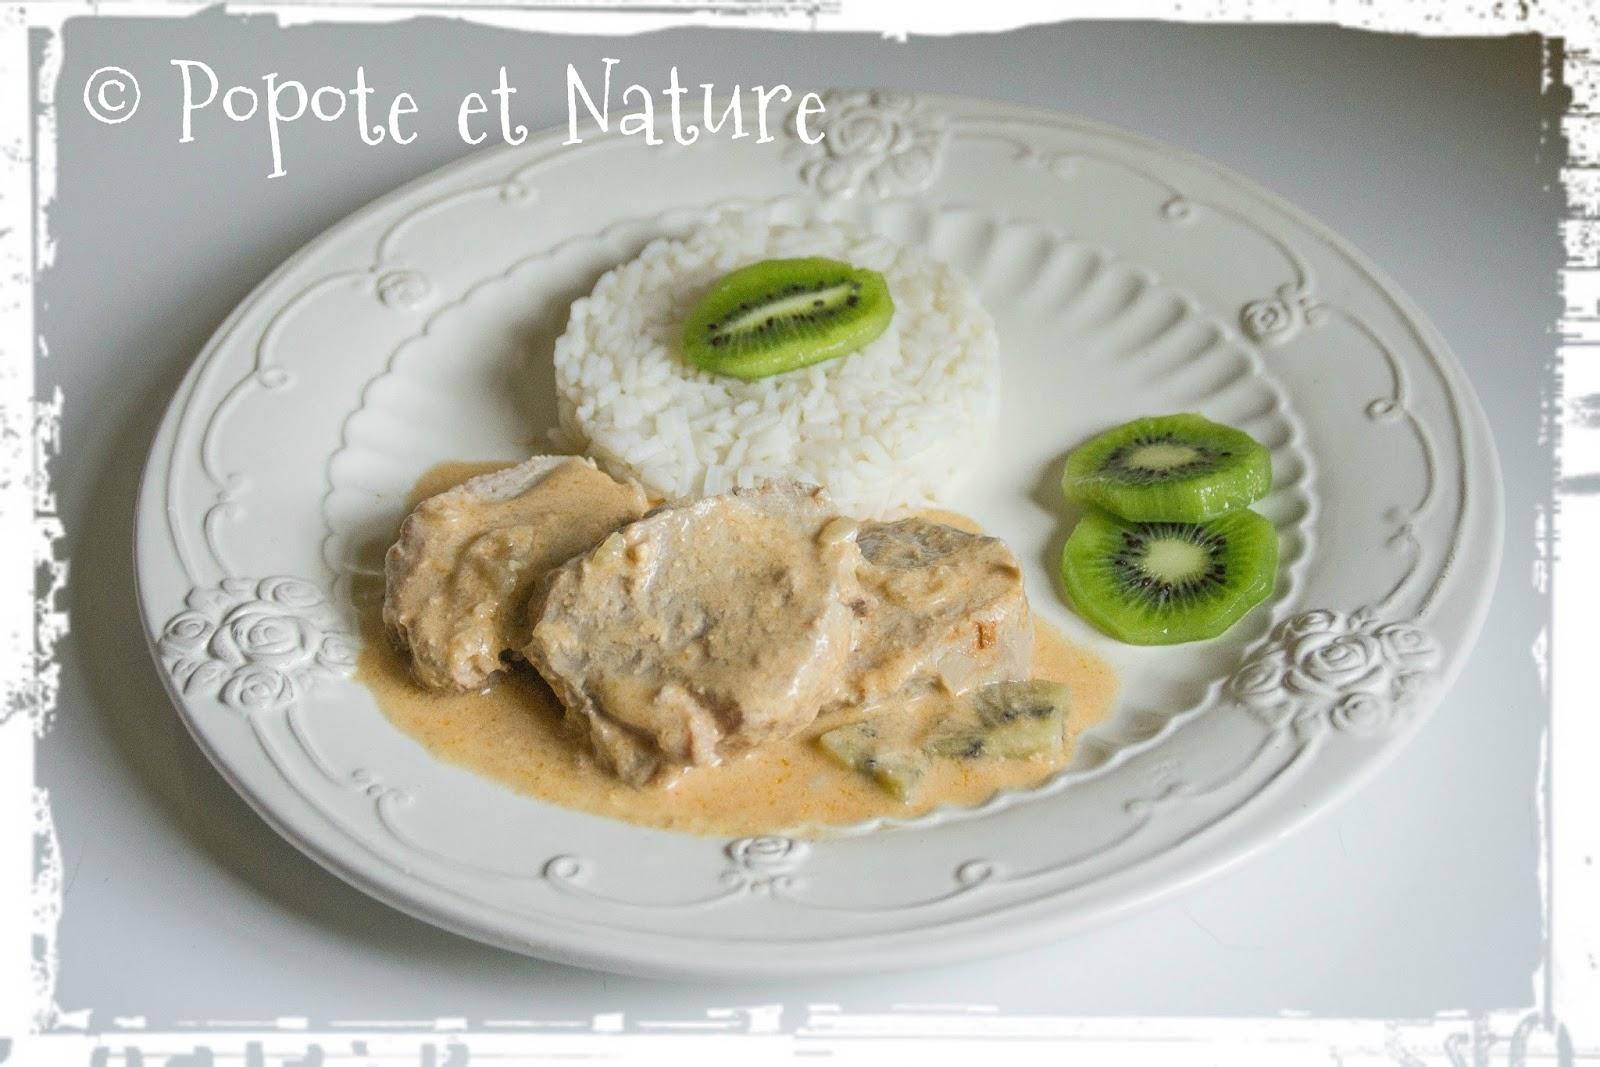 Popote et nature un plat sucr sal pic aux kiwis pour for Cuisine entre copains